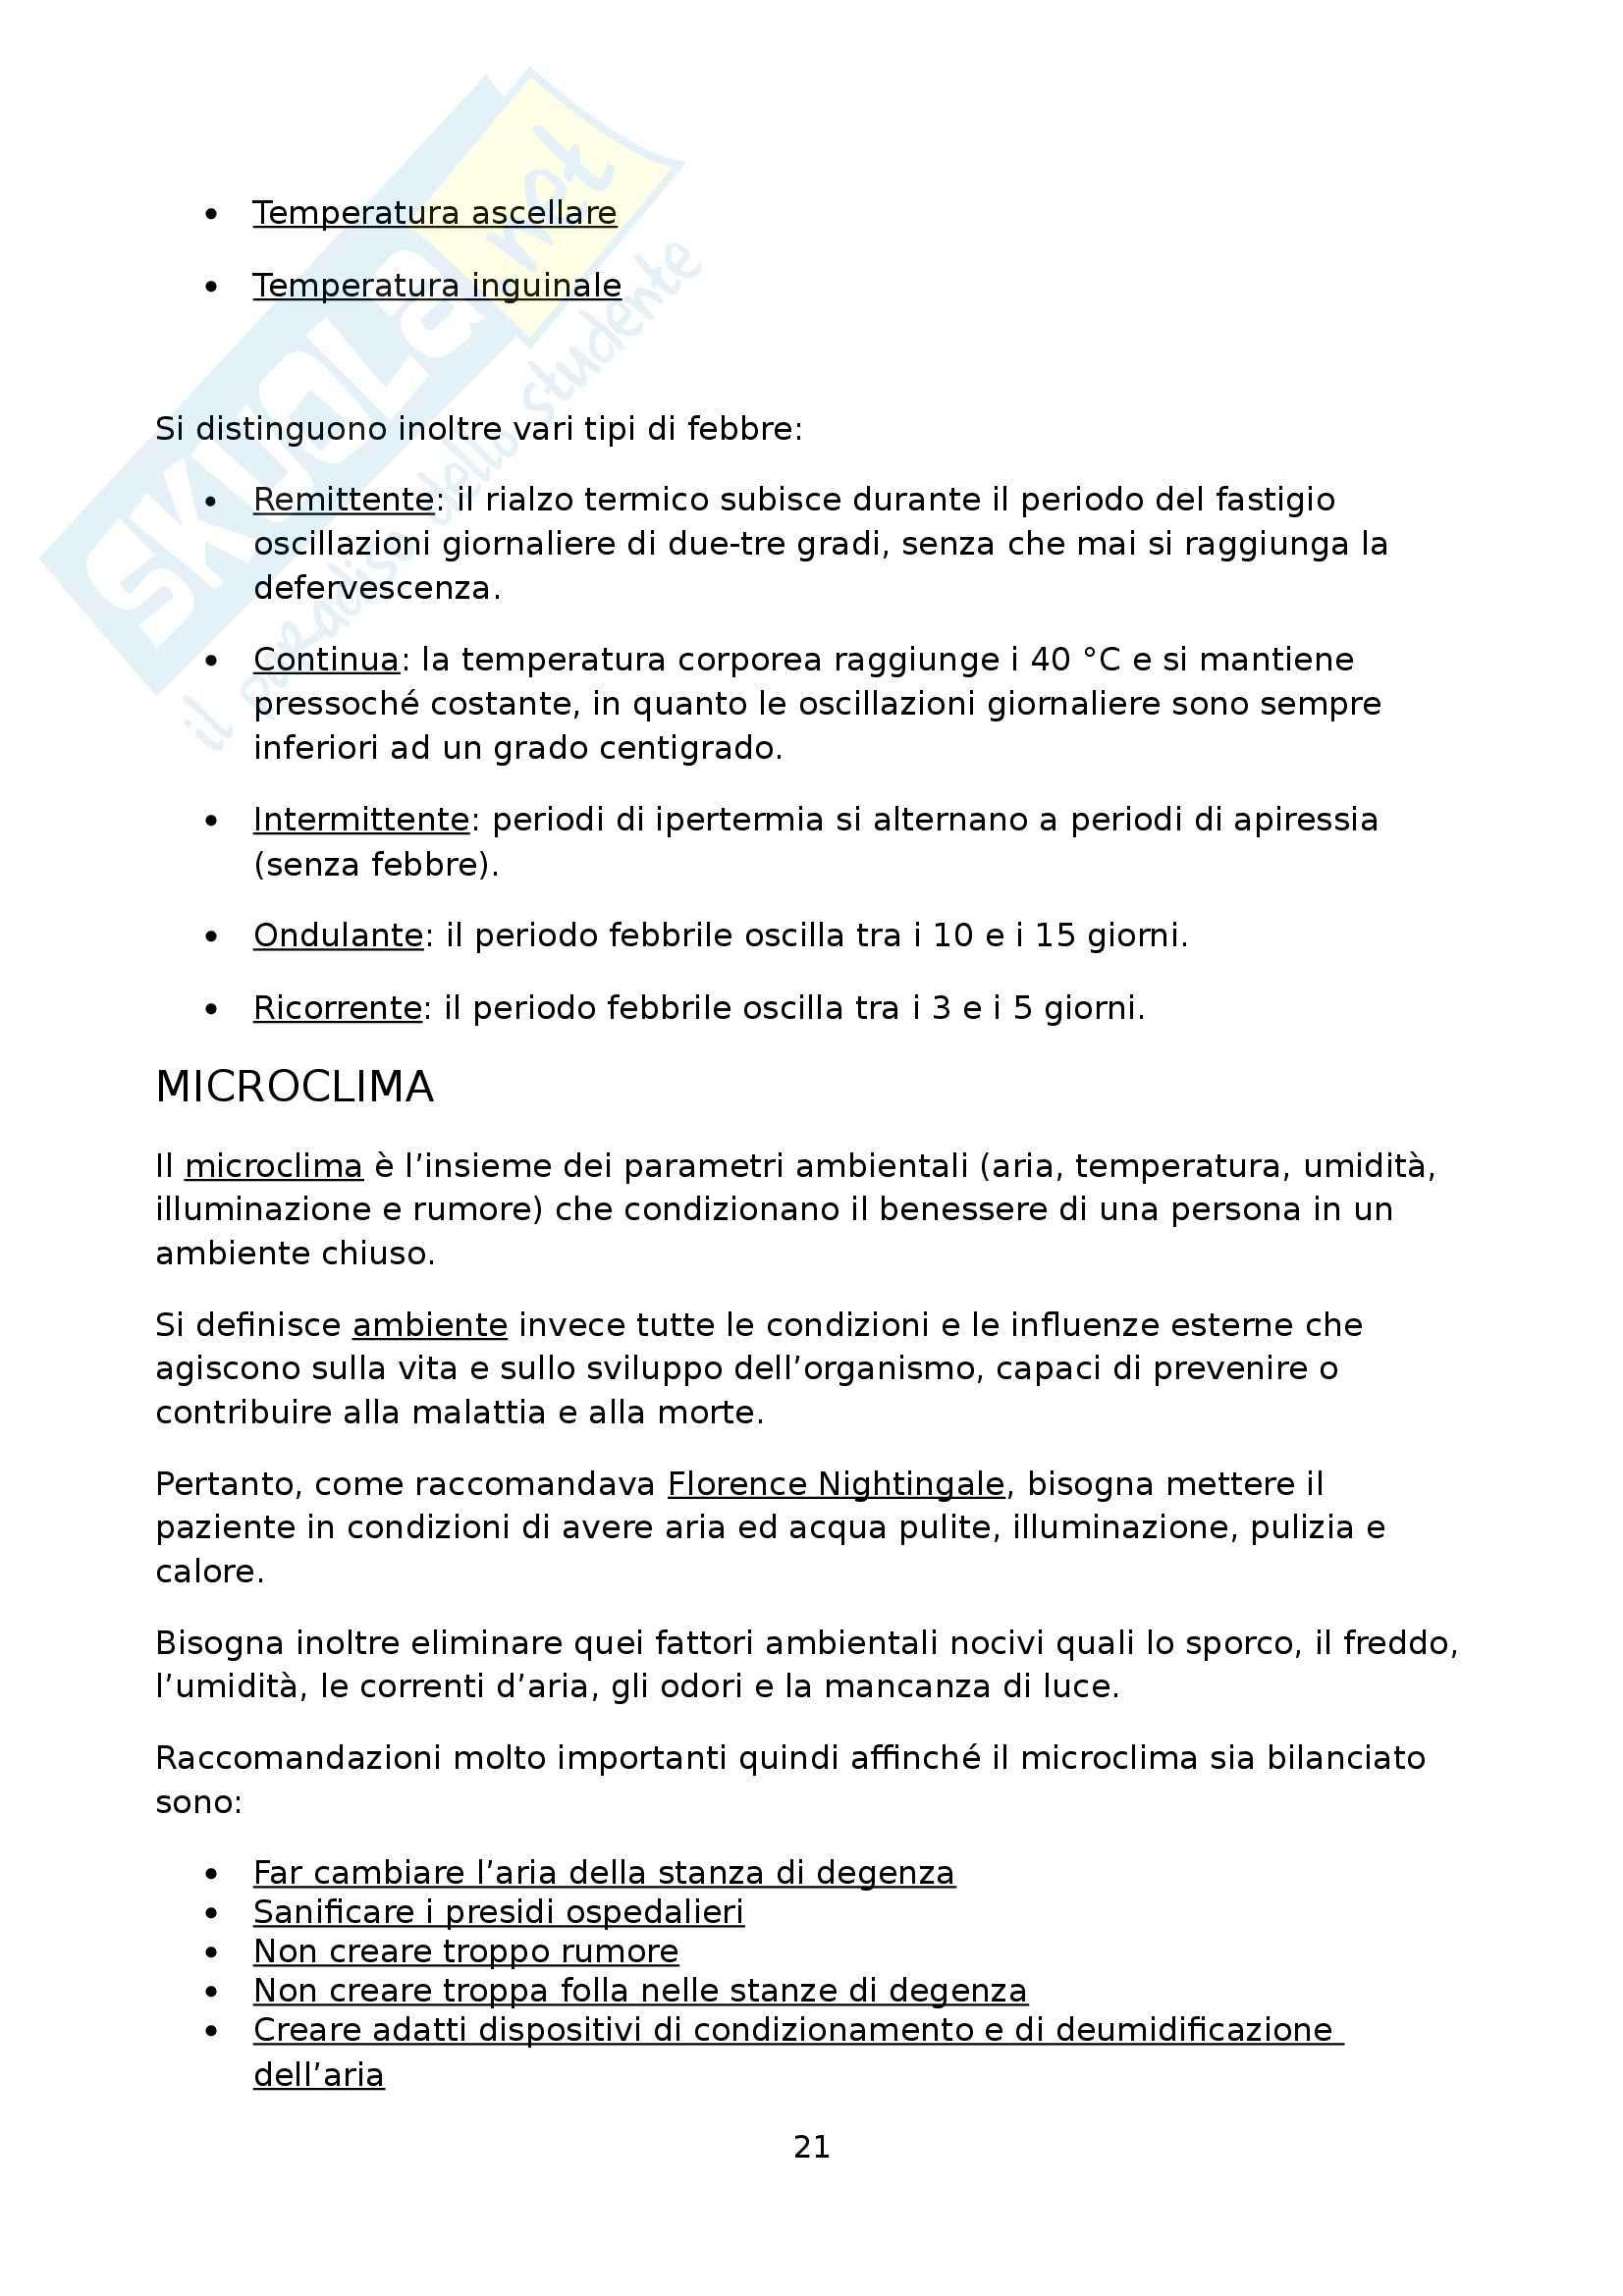 Tirocinio terzo anno - Relazione Pag. 21